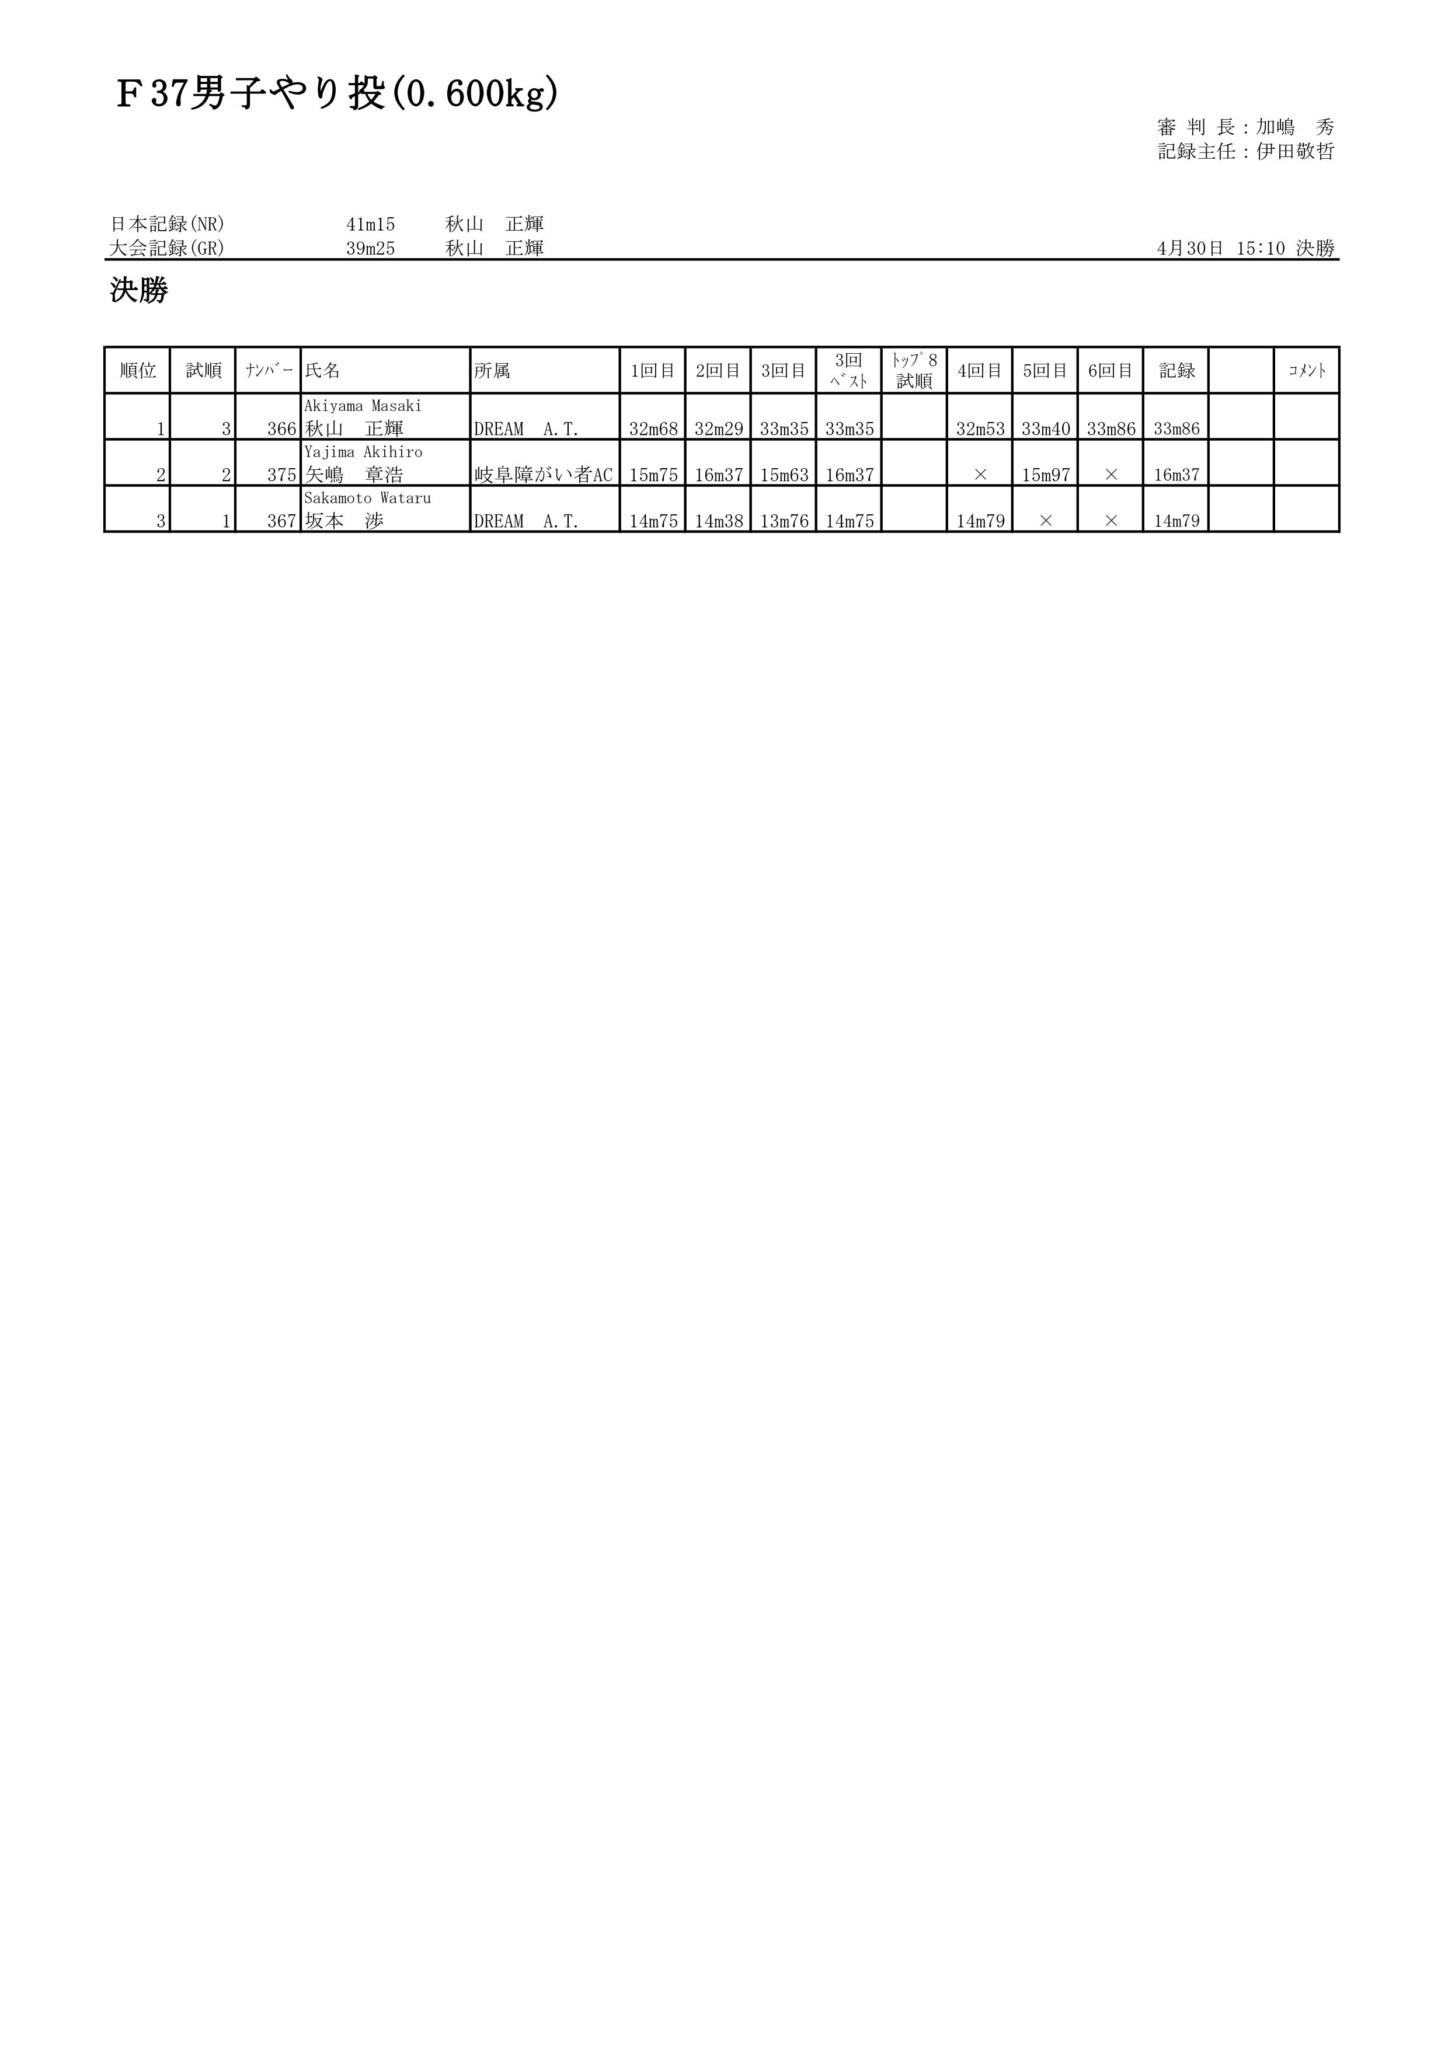 113F37男子やり投(0.600kg)_01